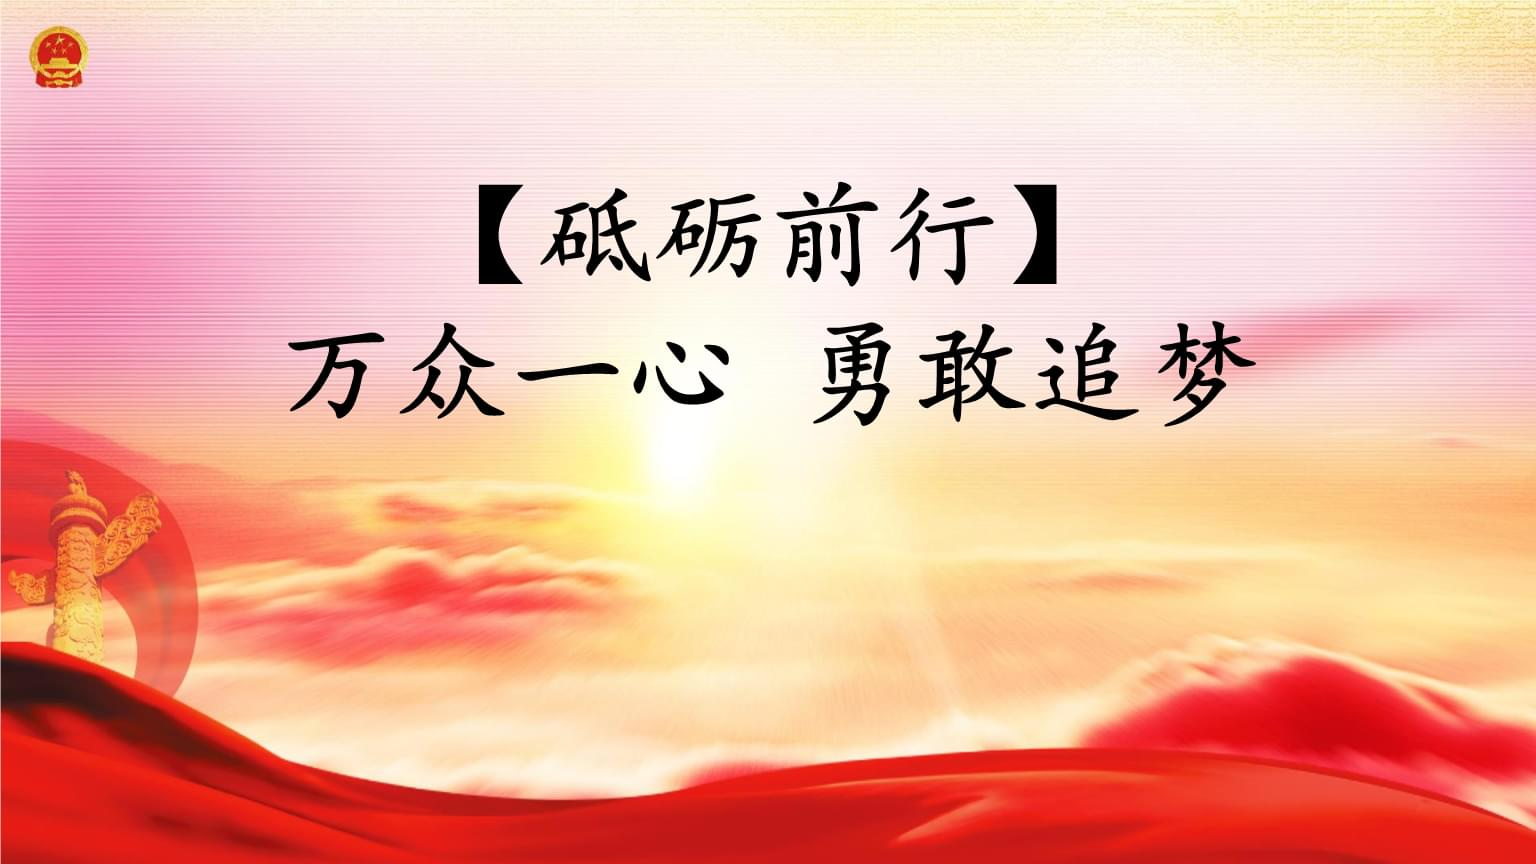 党政党课党建红色主题八一建军节92周年模板.pptx